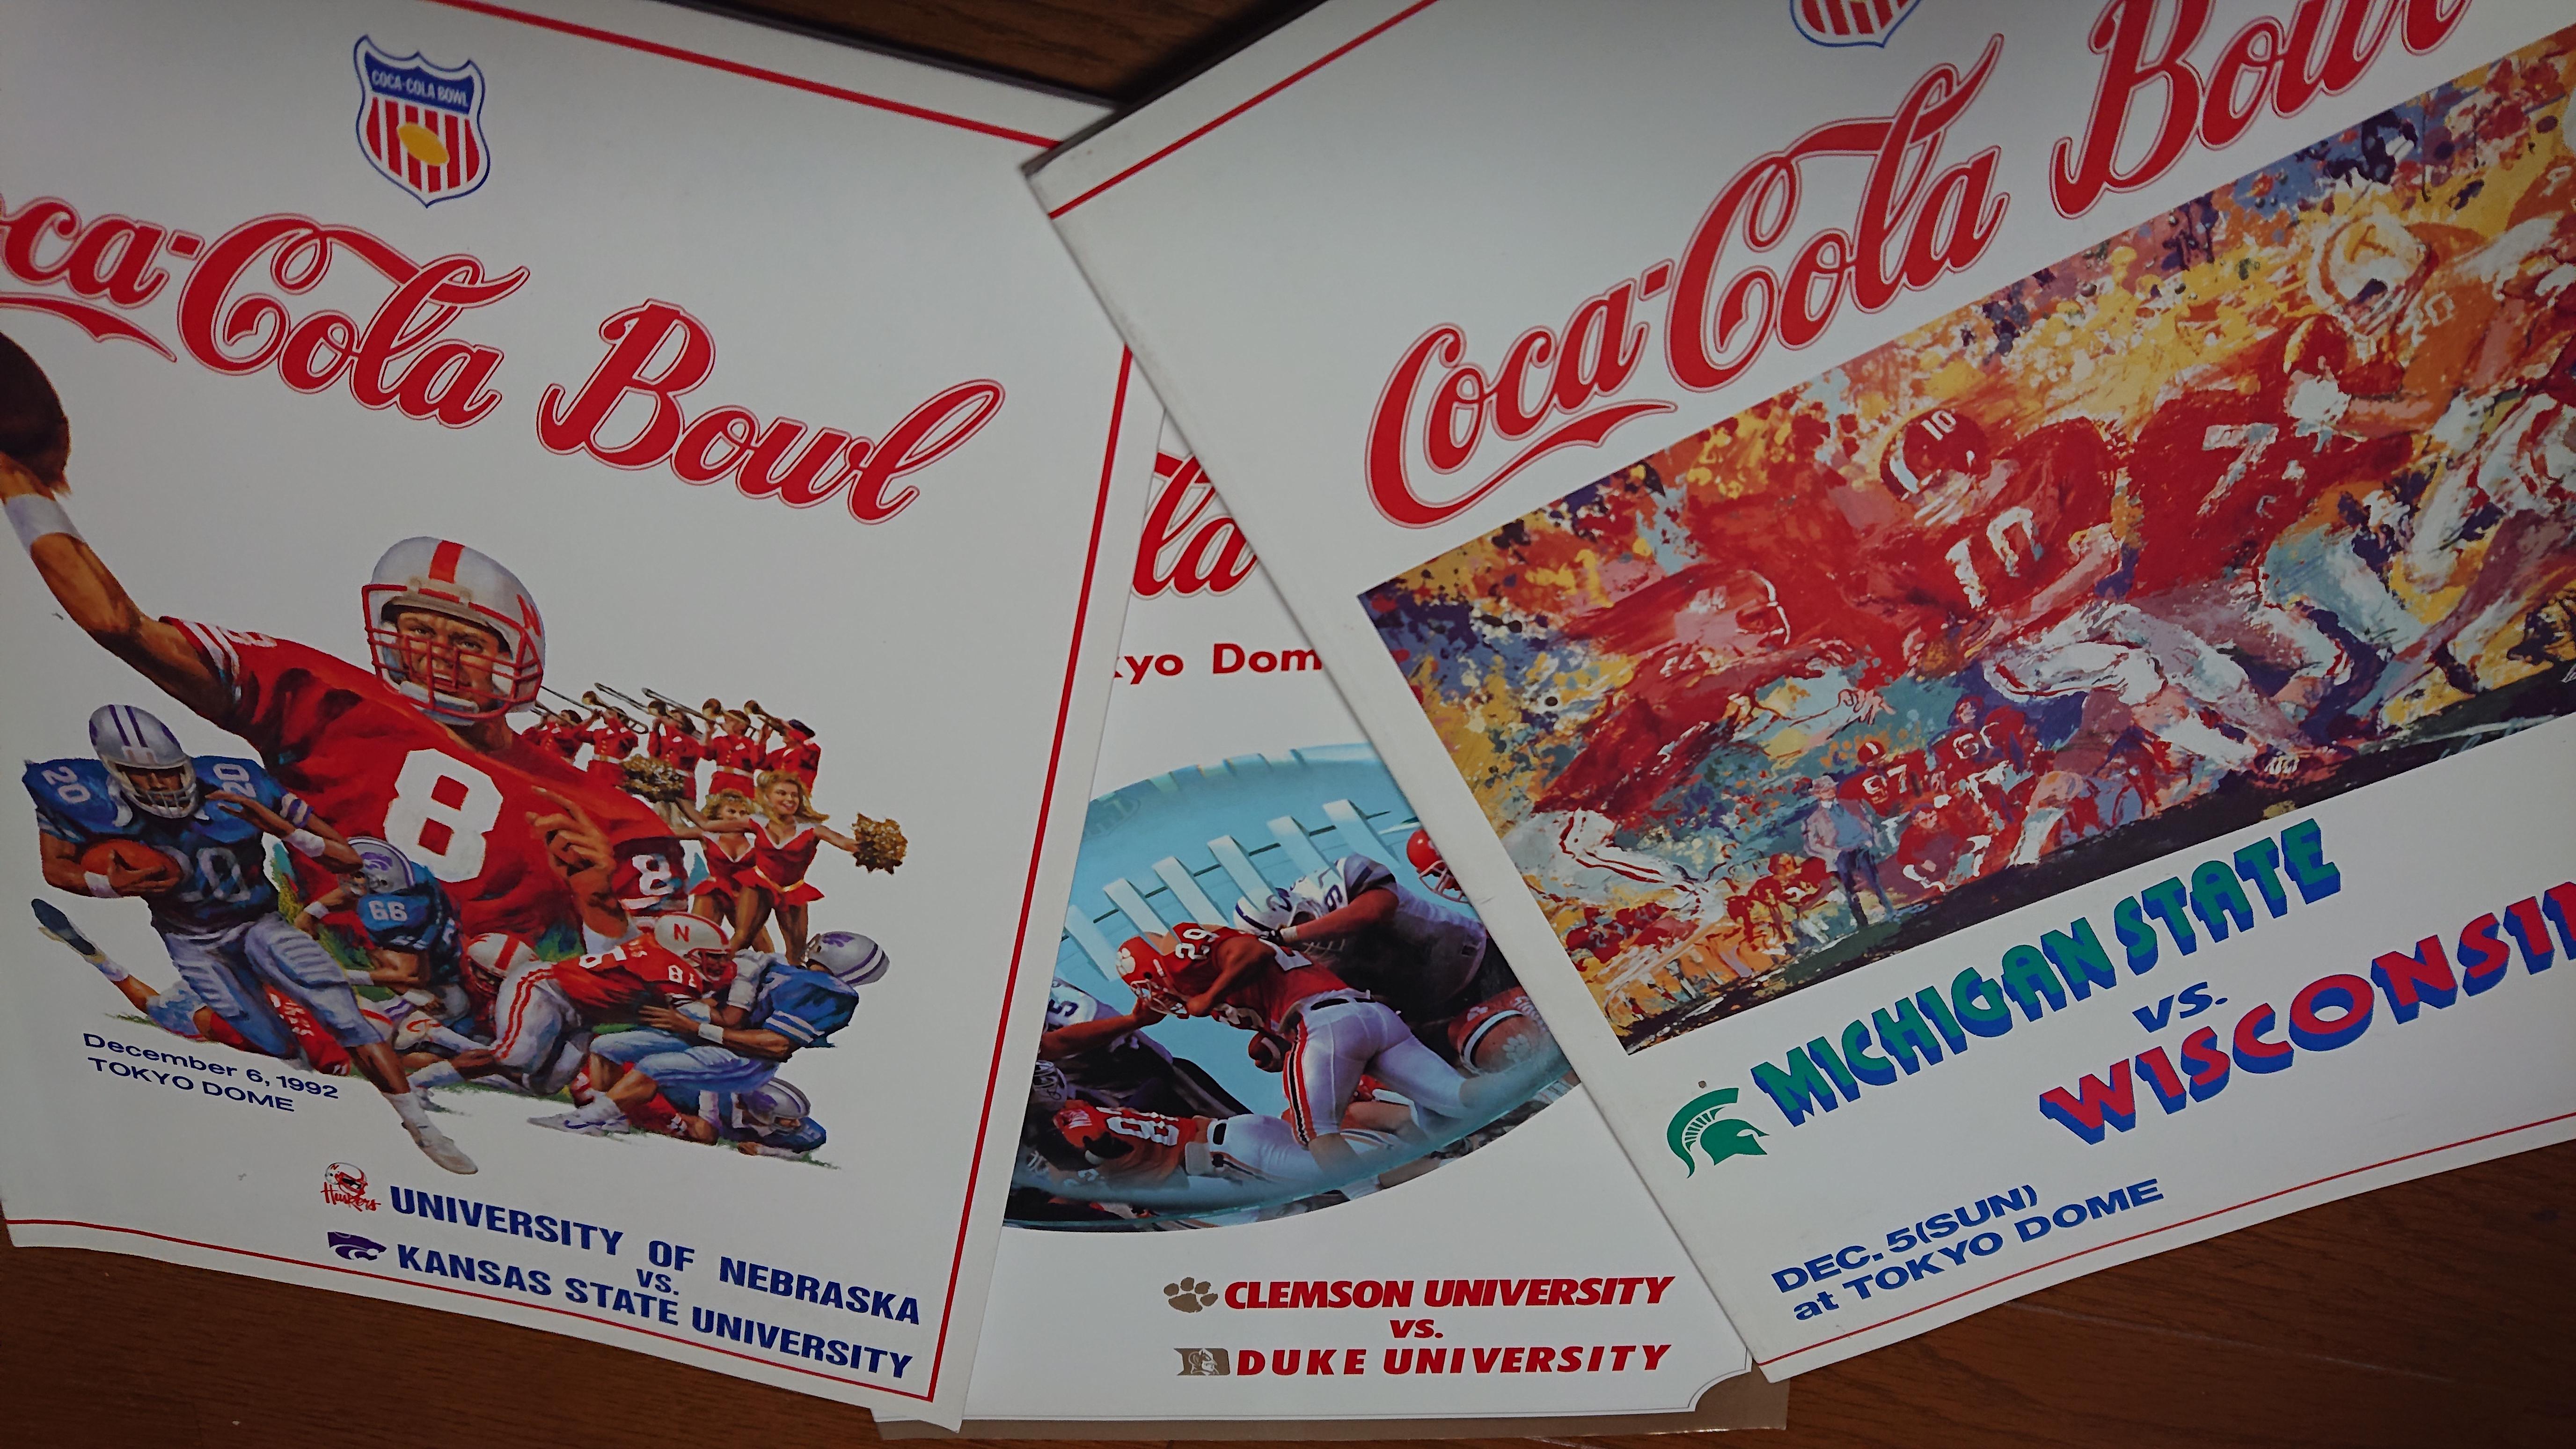 日本で開催されたNCAA公式戦「コカ・コーラボウル」のポスター=提供・生沢浩さん